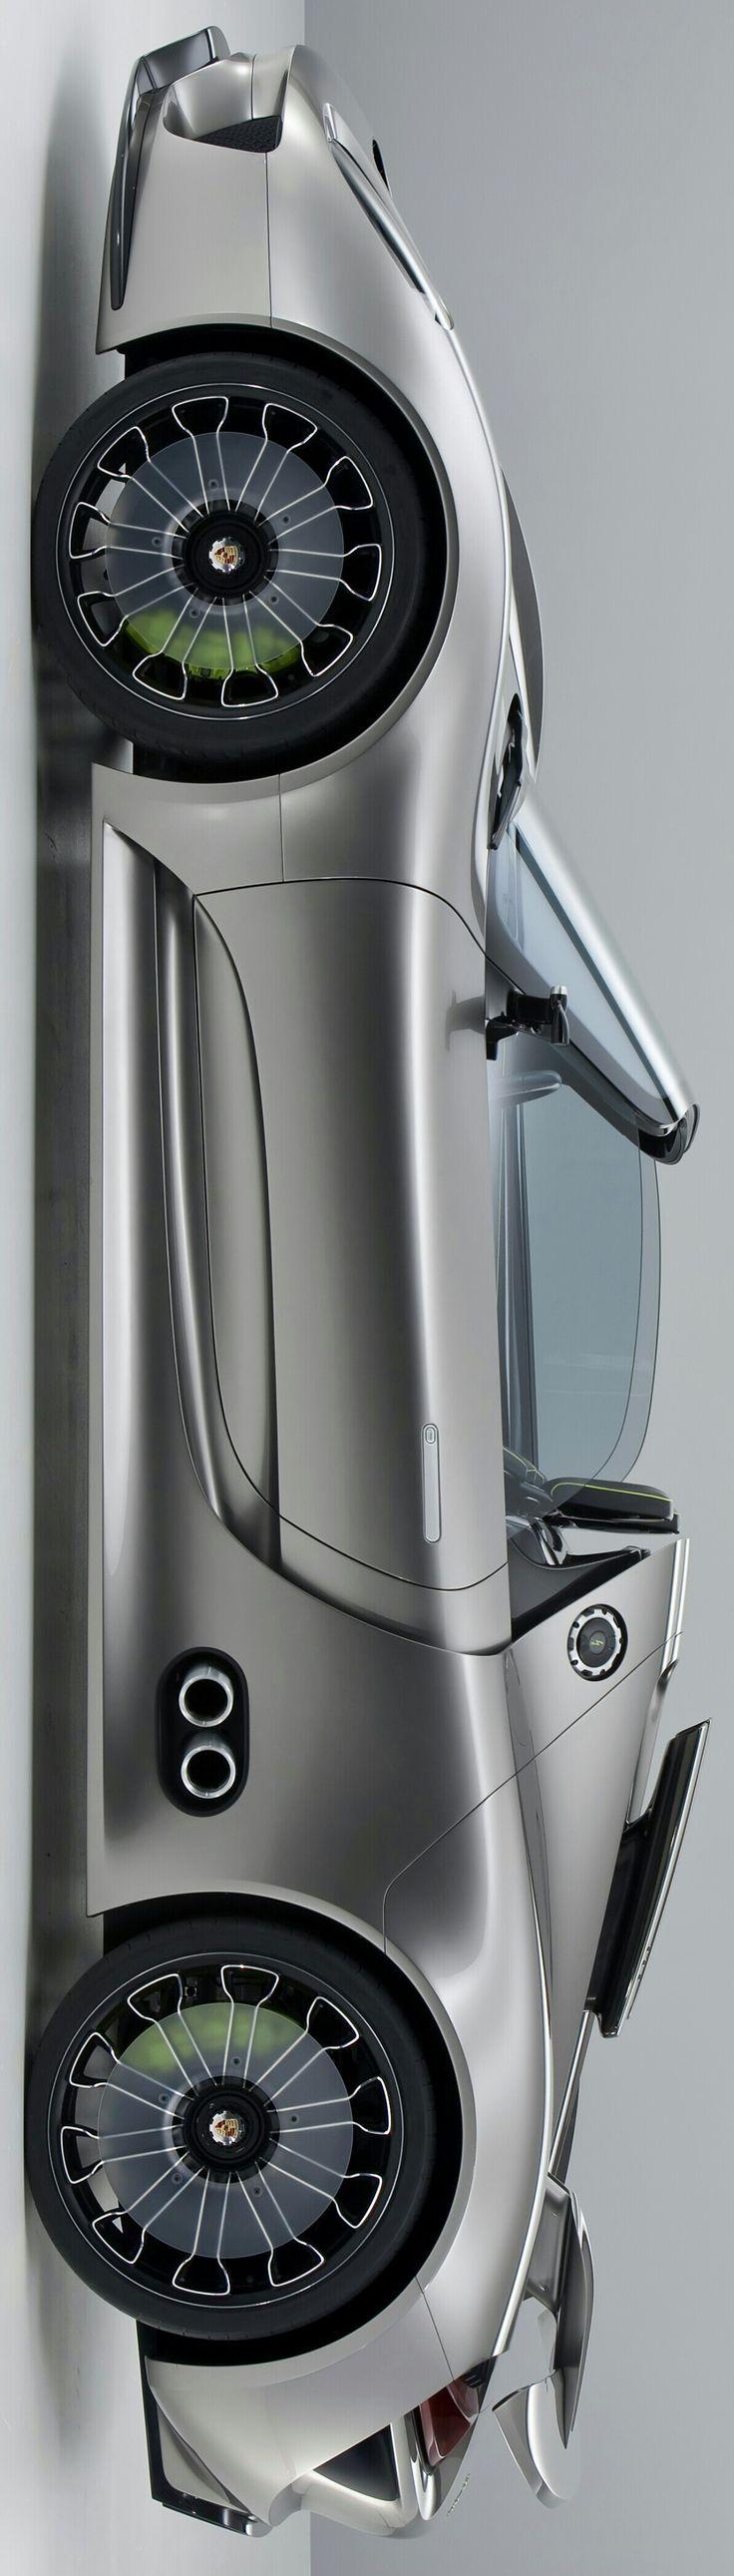 Porsche 918 Spyder Hybrid by Levon